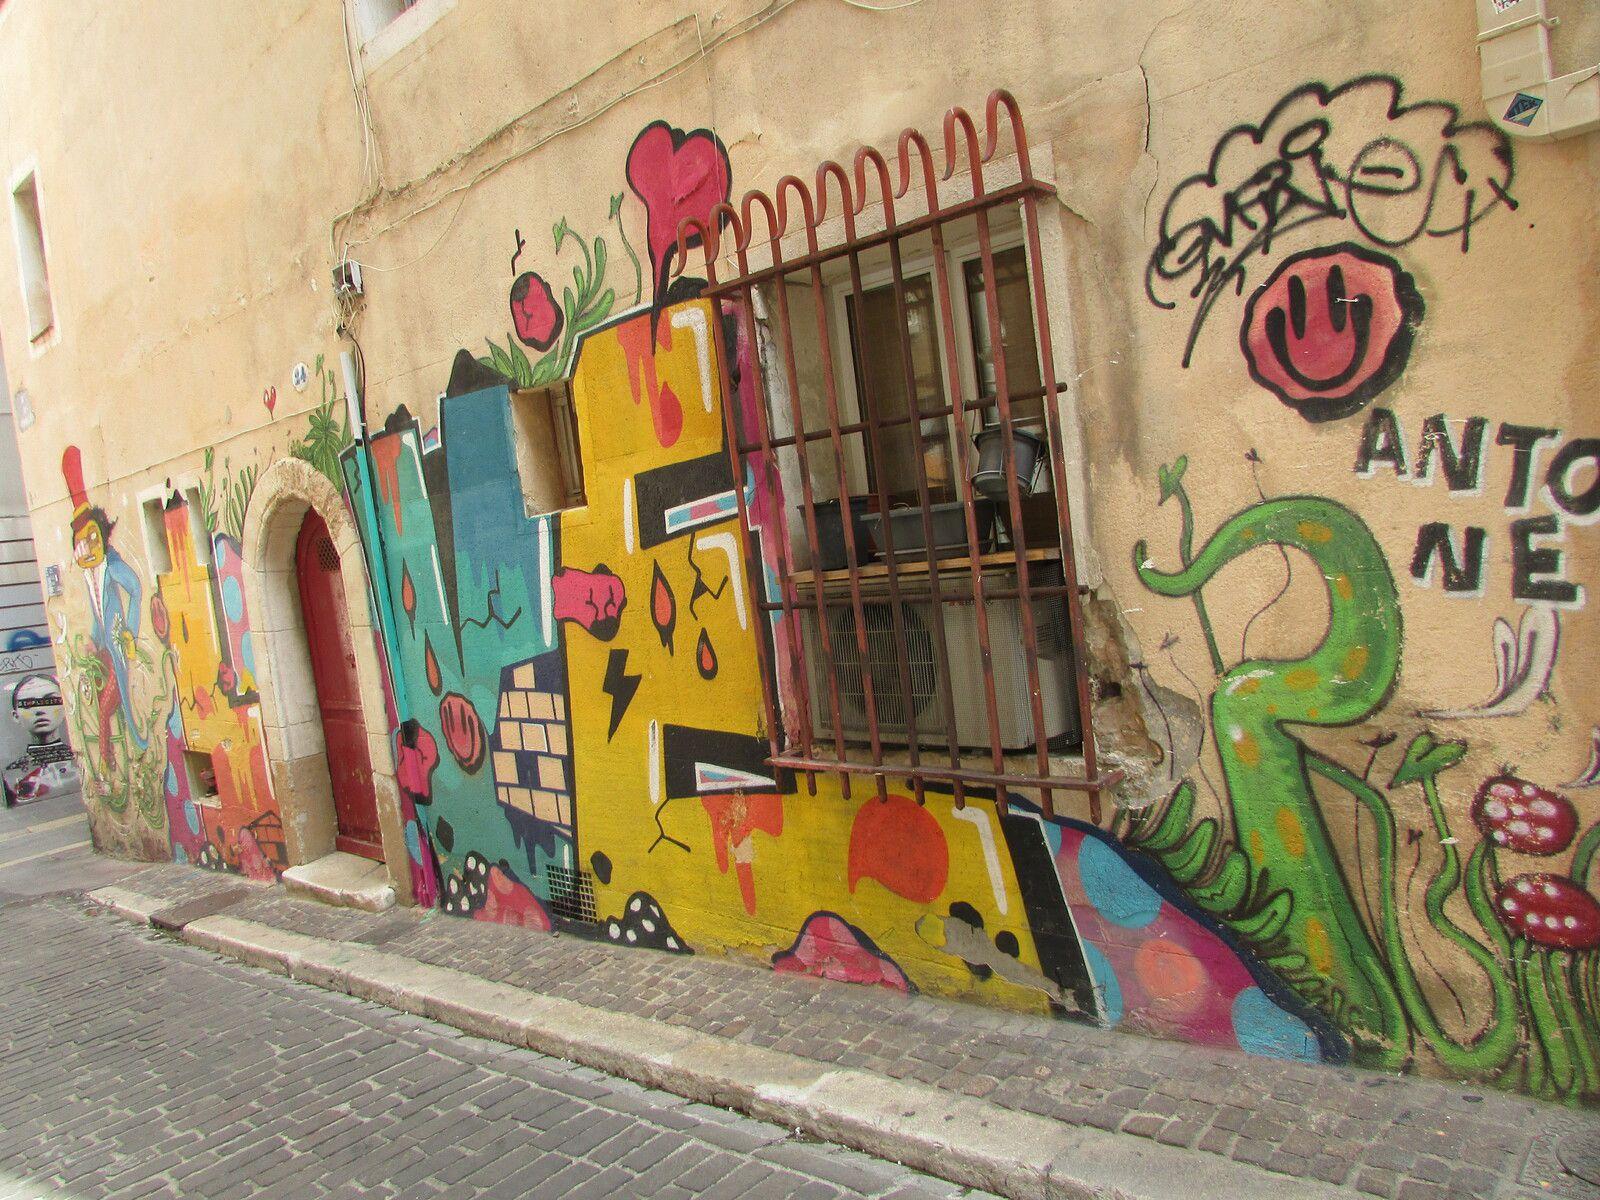 Rue des Cordelles/Simplicity/Mon quartier est beau mais pas bobo/Viens t'battre si t'es un homme/Luis Mistral Gustavo/ficher llet 1881/Tu me regardes tu veux ma photo alors prends la/